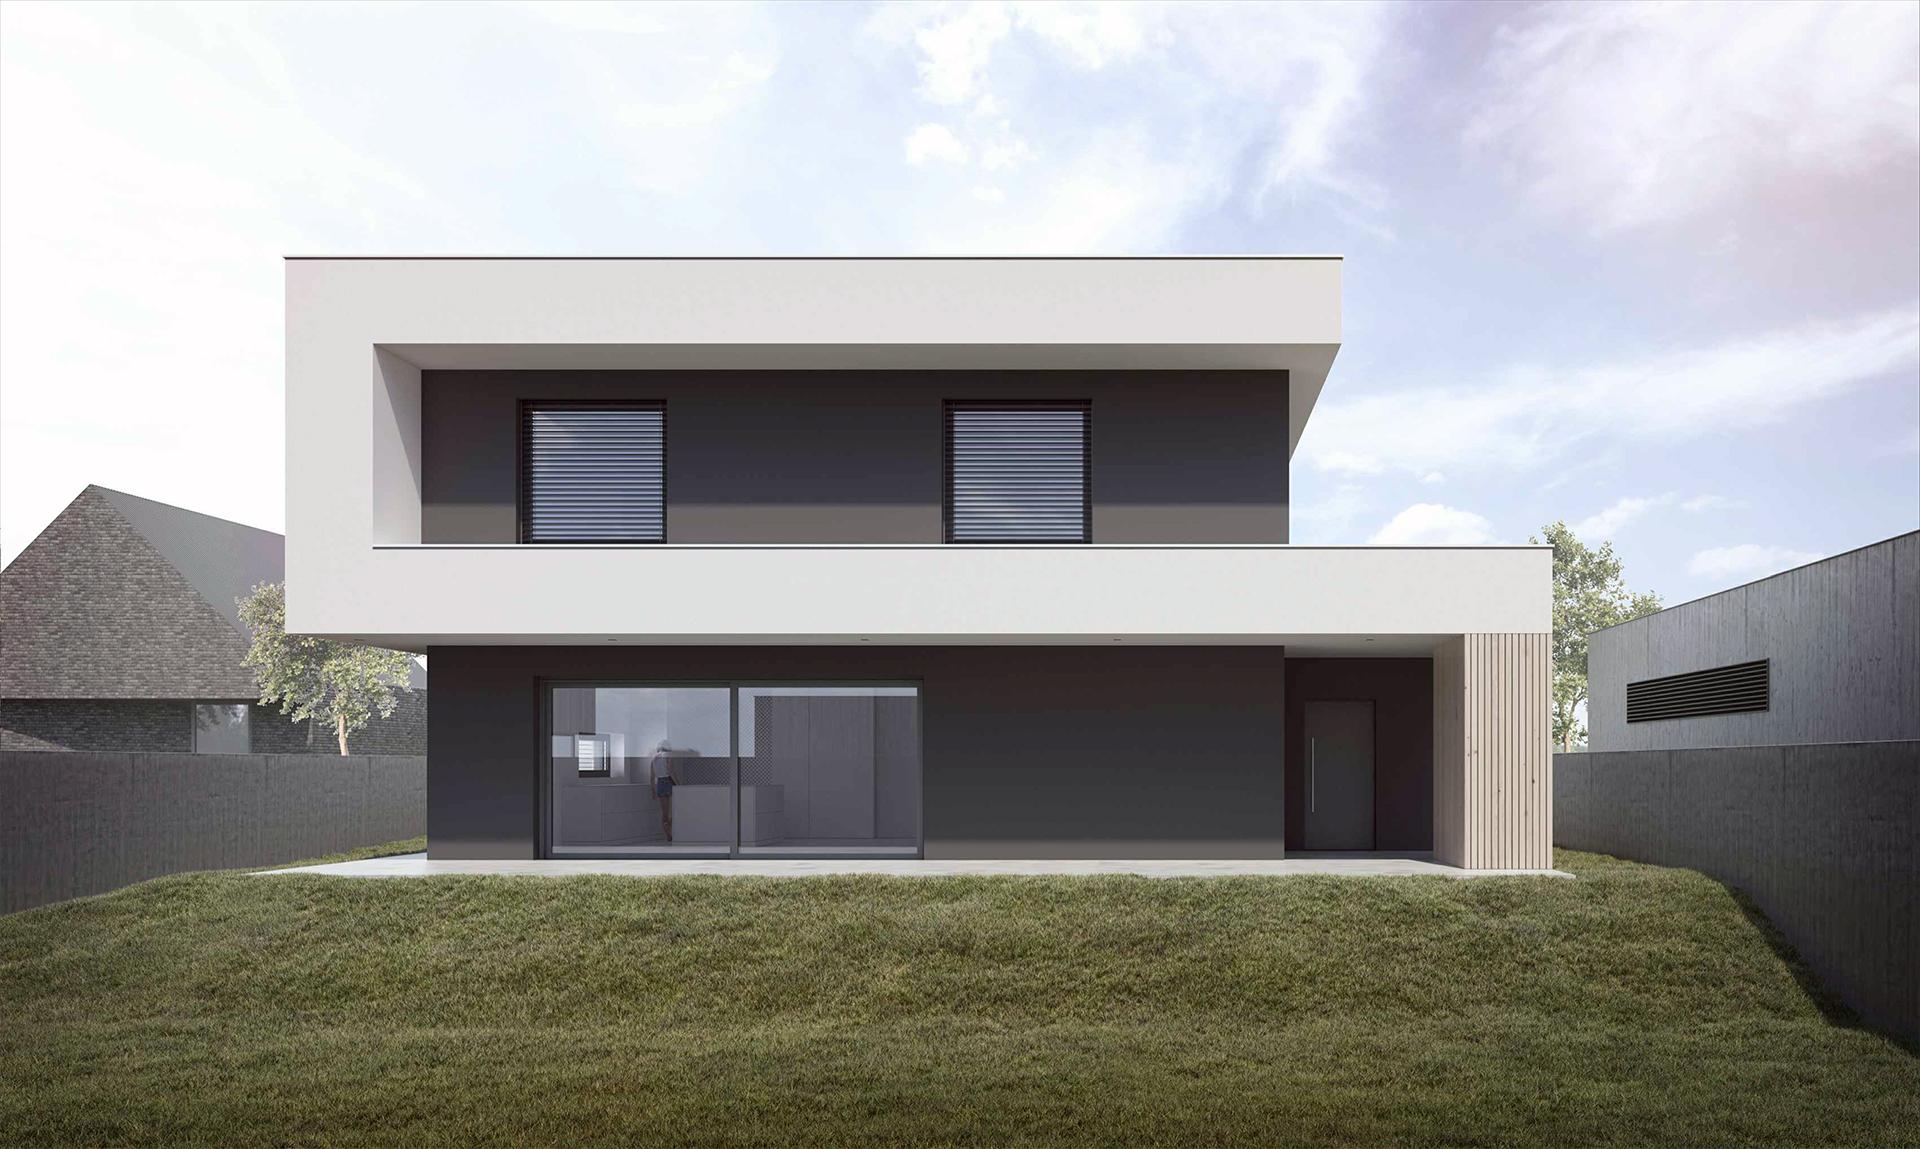 House in Chorzów - Joanna Kubieniec i Katarzyna Długosz - Biuro architektoniczne w Katowicach